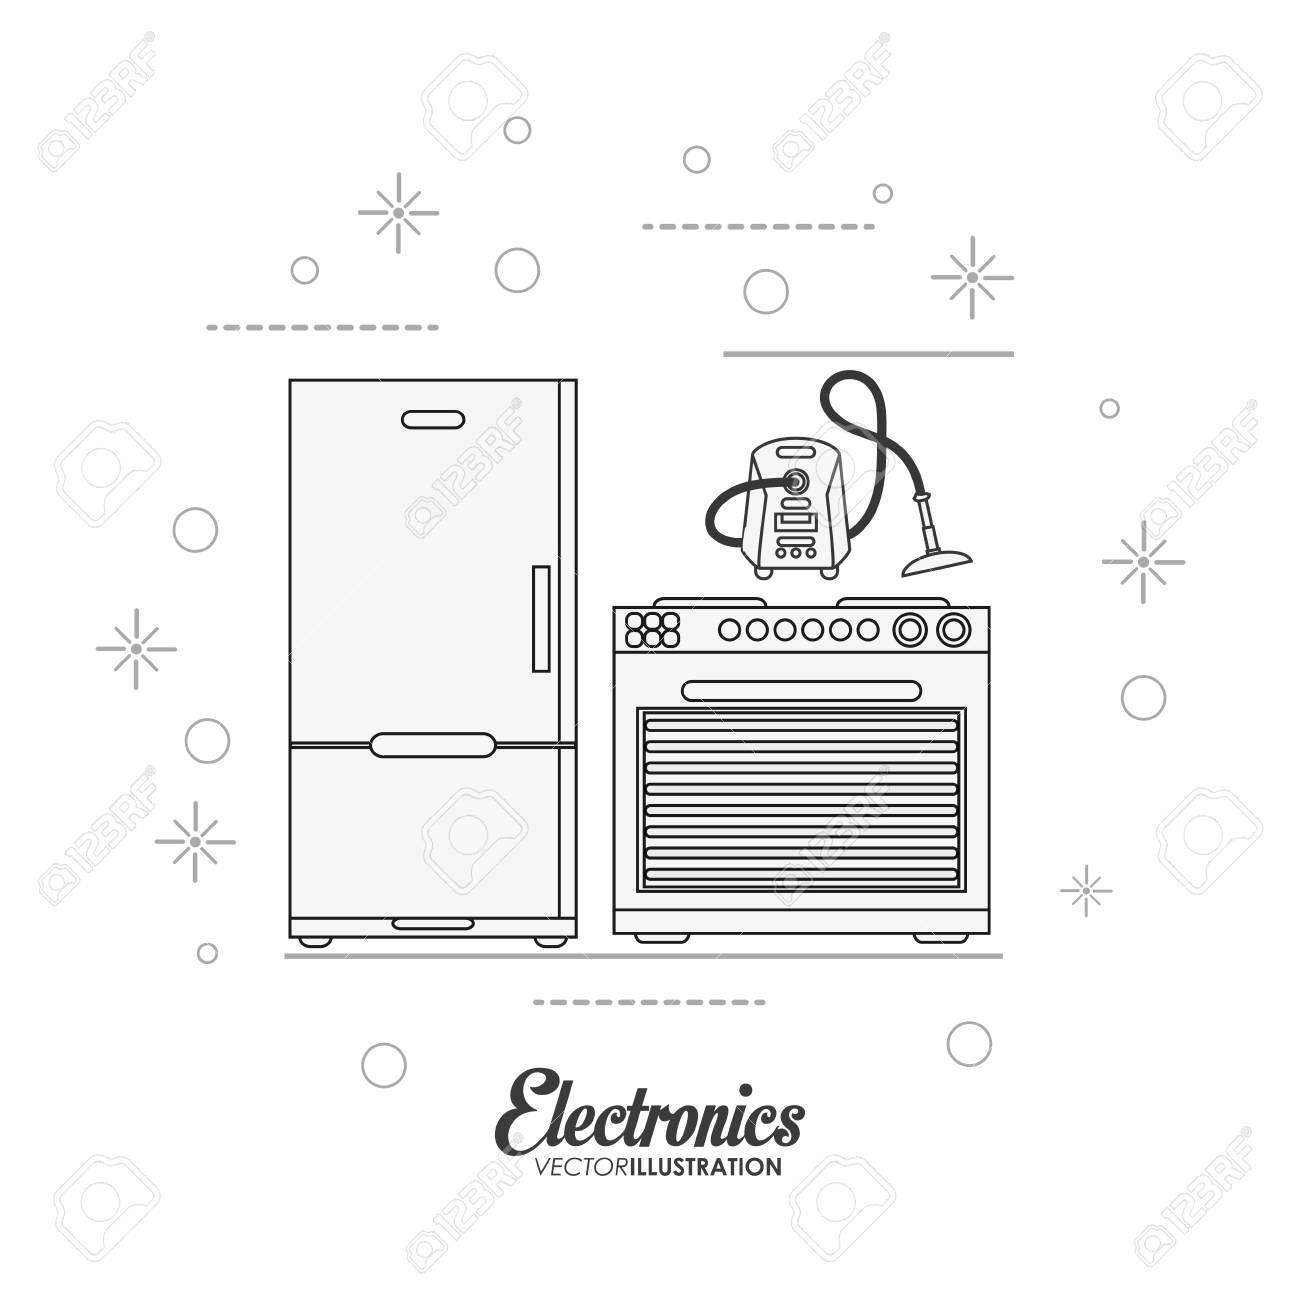 Kühlschrank Herd Und Vakuum-Symbol. Elektronische Geräte Und Zubehör ...